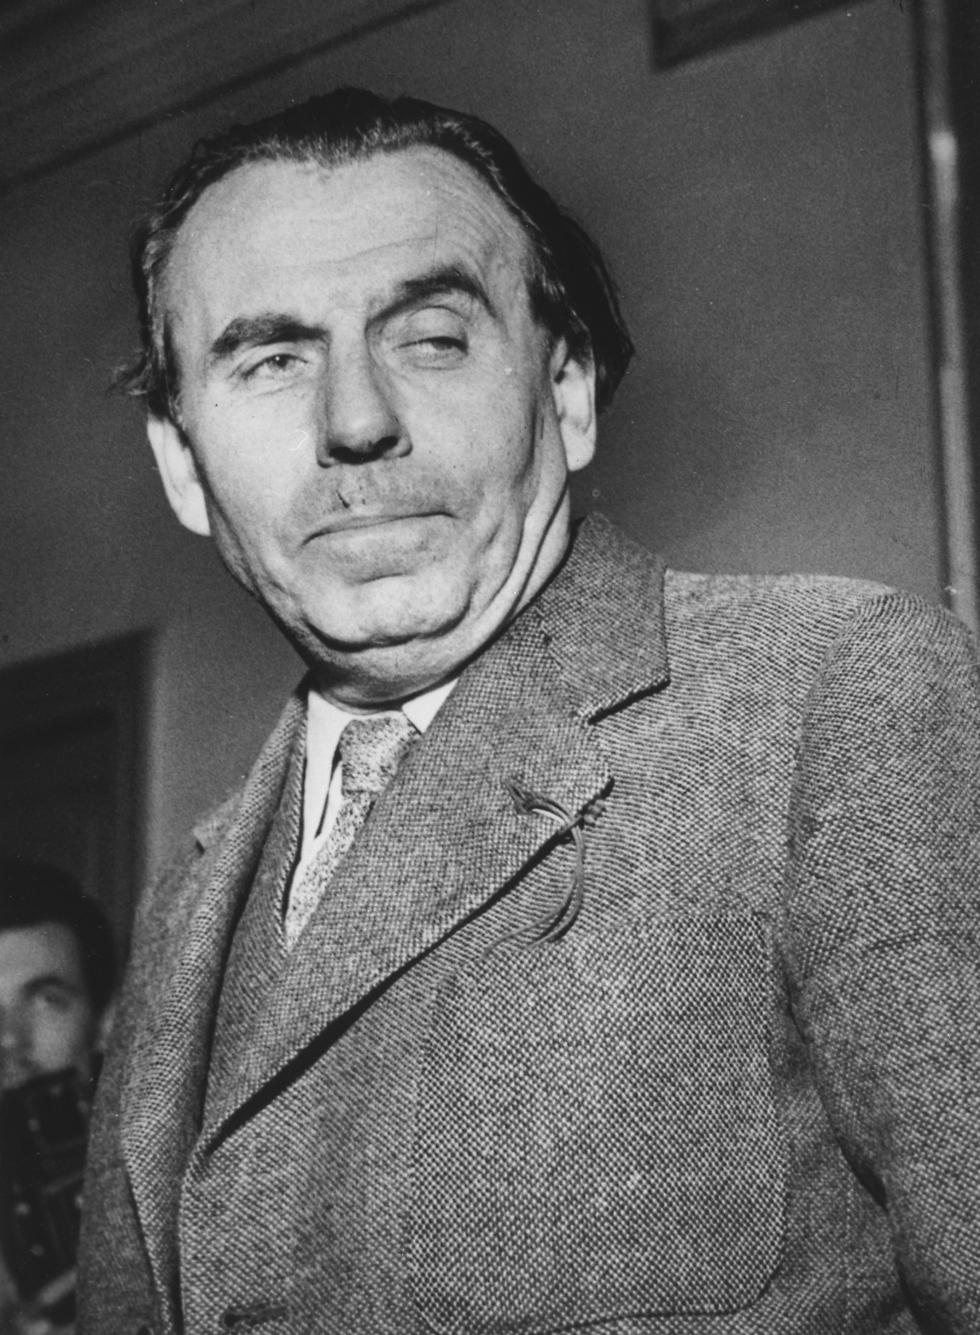 לואי פרדינן סלין בבית המשפט, לאחר הזיכוי מאשמת שיתוף פעולה עם הנאצים, 1951 (צילום: gettyimages)